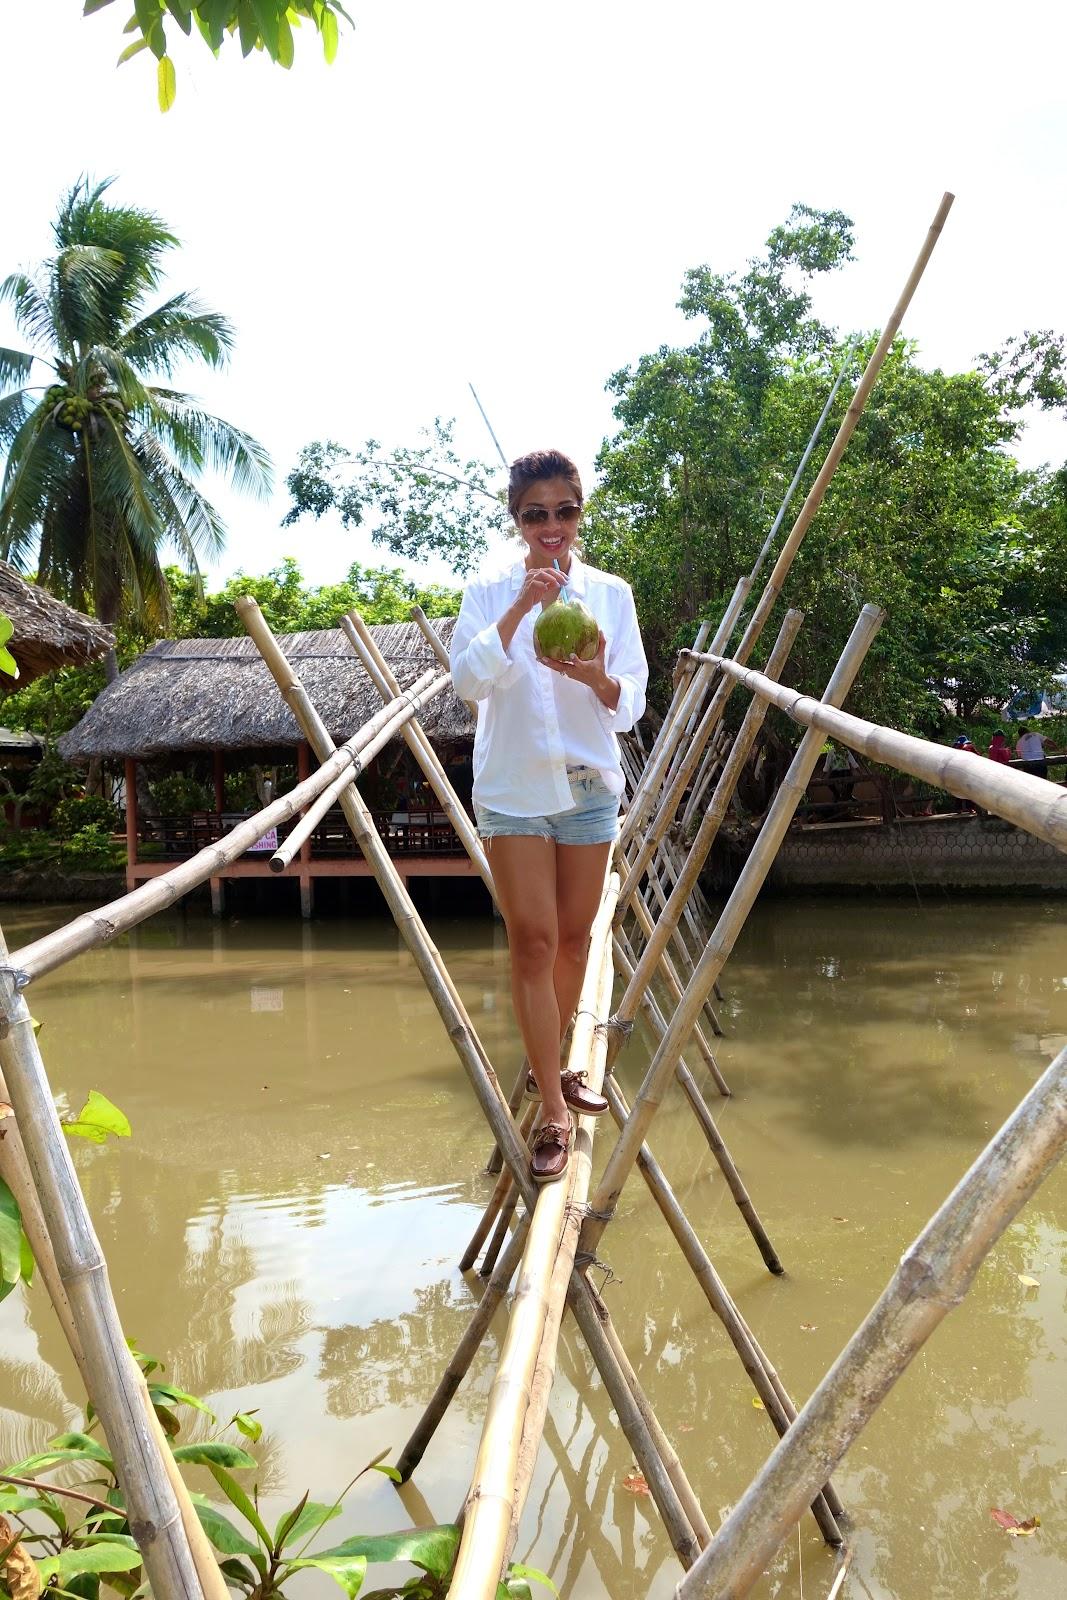 Bamboo bridge Mekong Delta Vietnam 2015